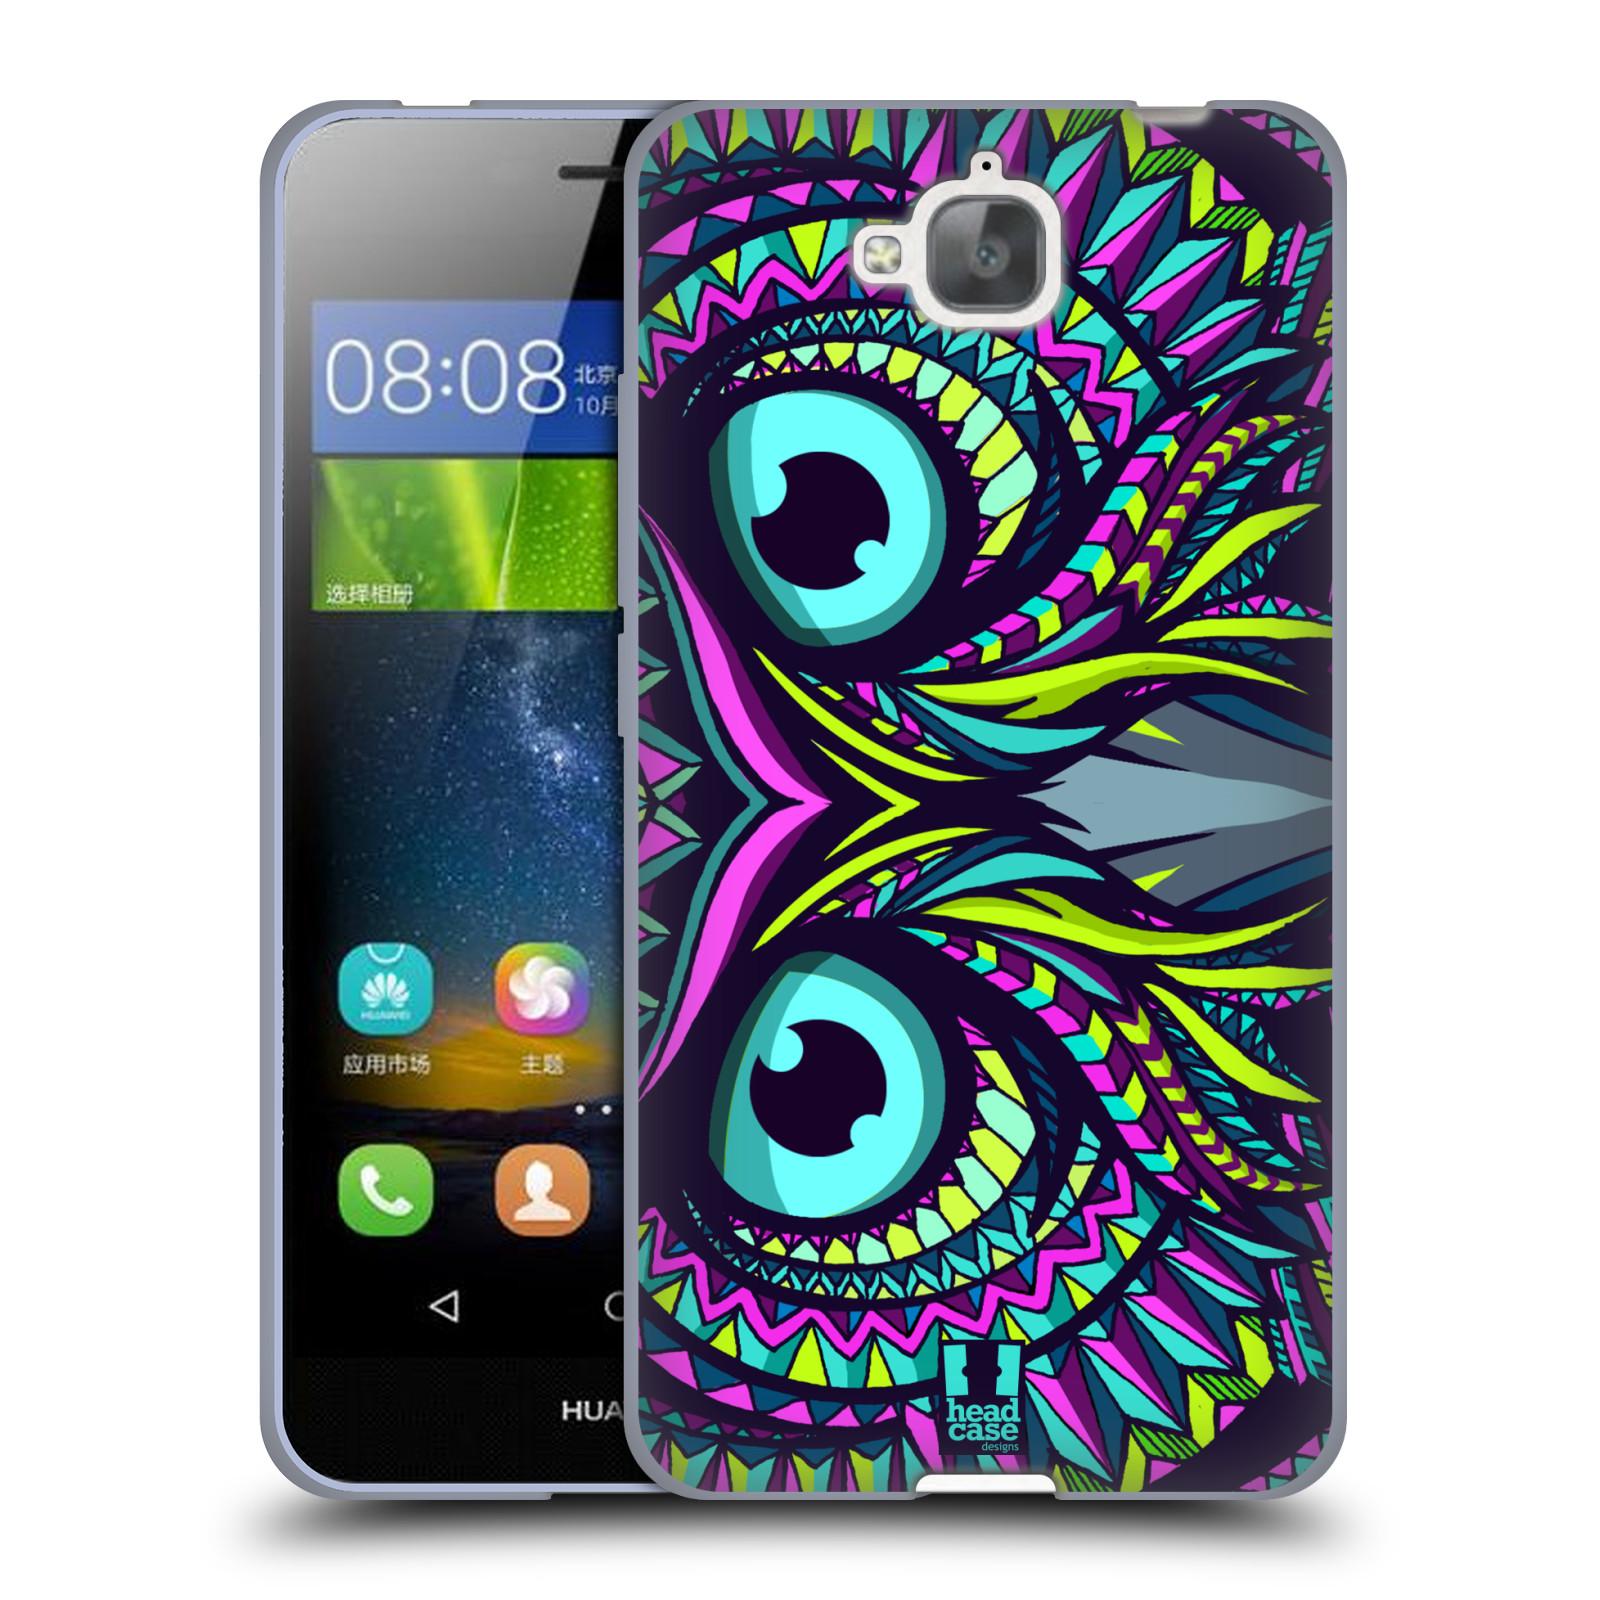 Silikonové pouzdro na mobil Huawei Y6 Pro Dual Sim HEAD CASE AZTEC SOVA